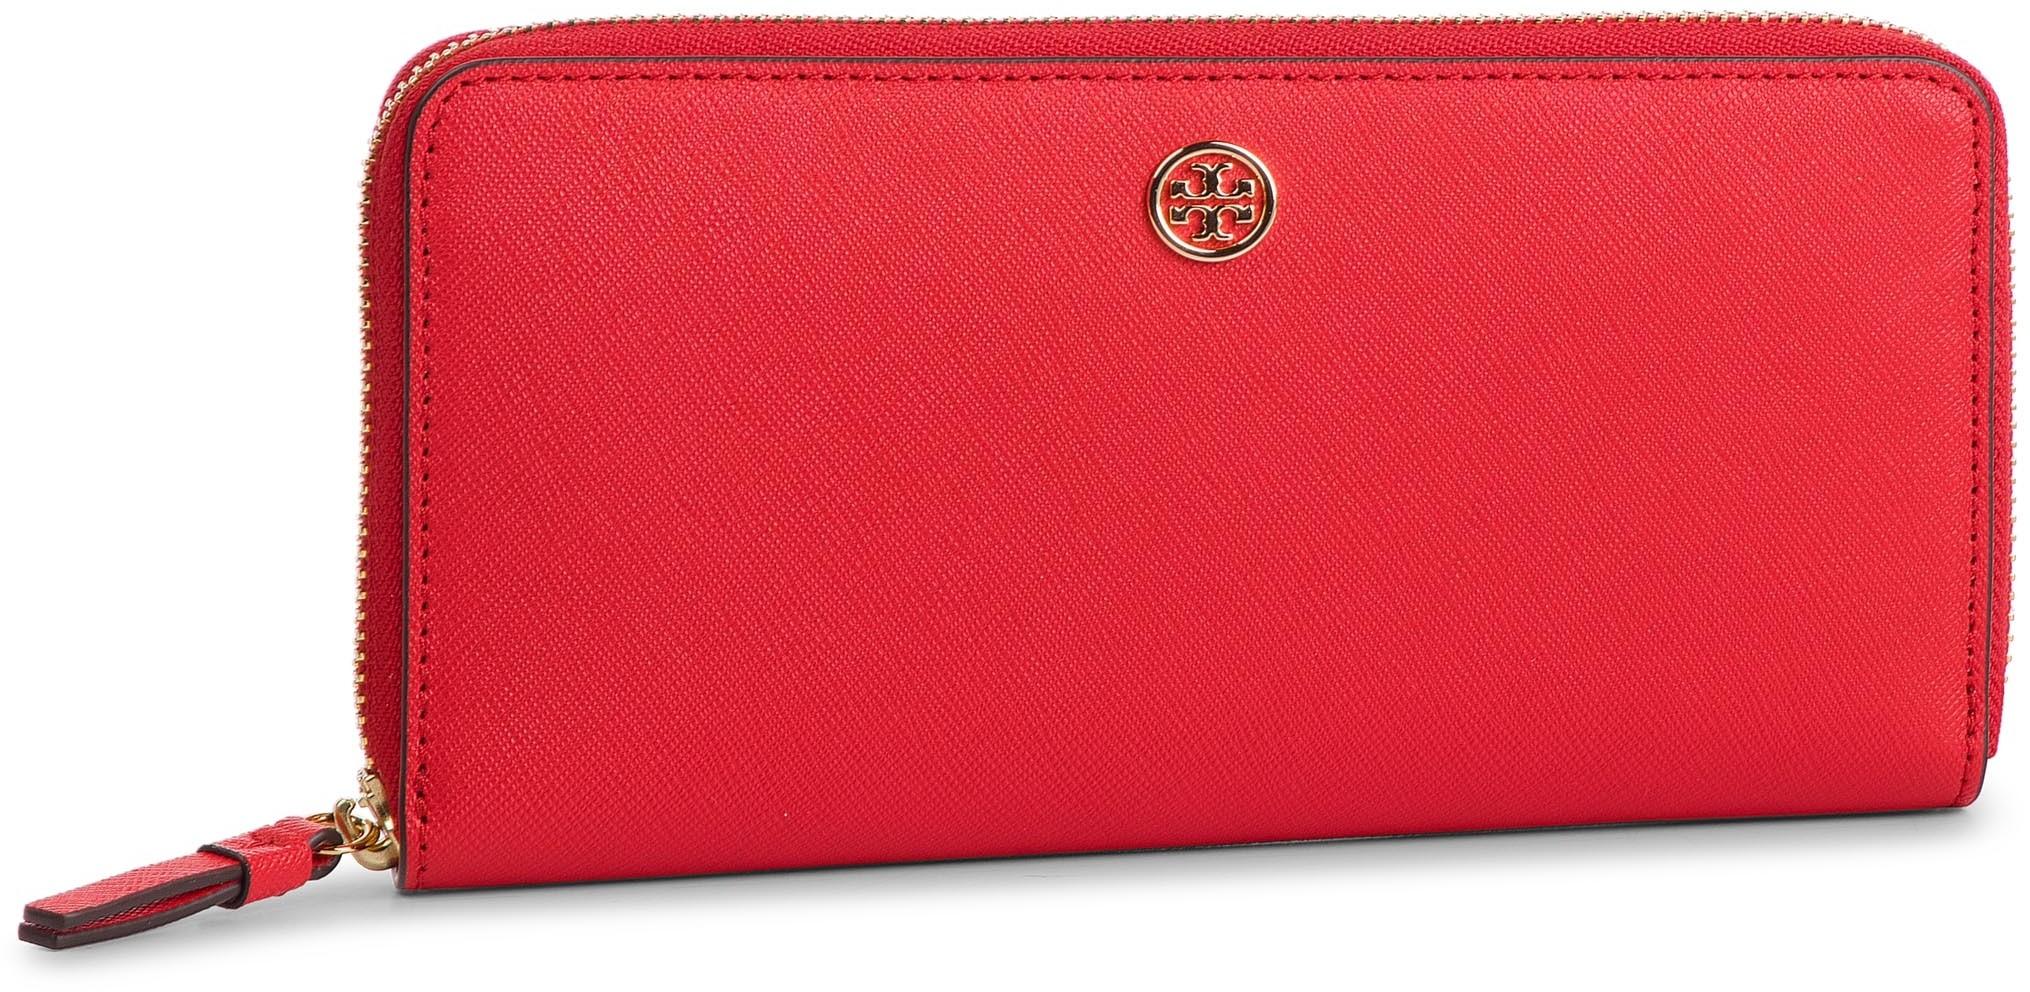 a00f4335a412d Tory Burch Duży Portfel Damski TORY BURCH - Robinson Zip Continental Wallet  52707 Brilliant Red 612